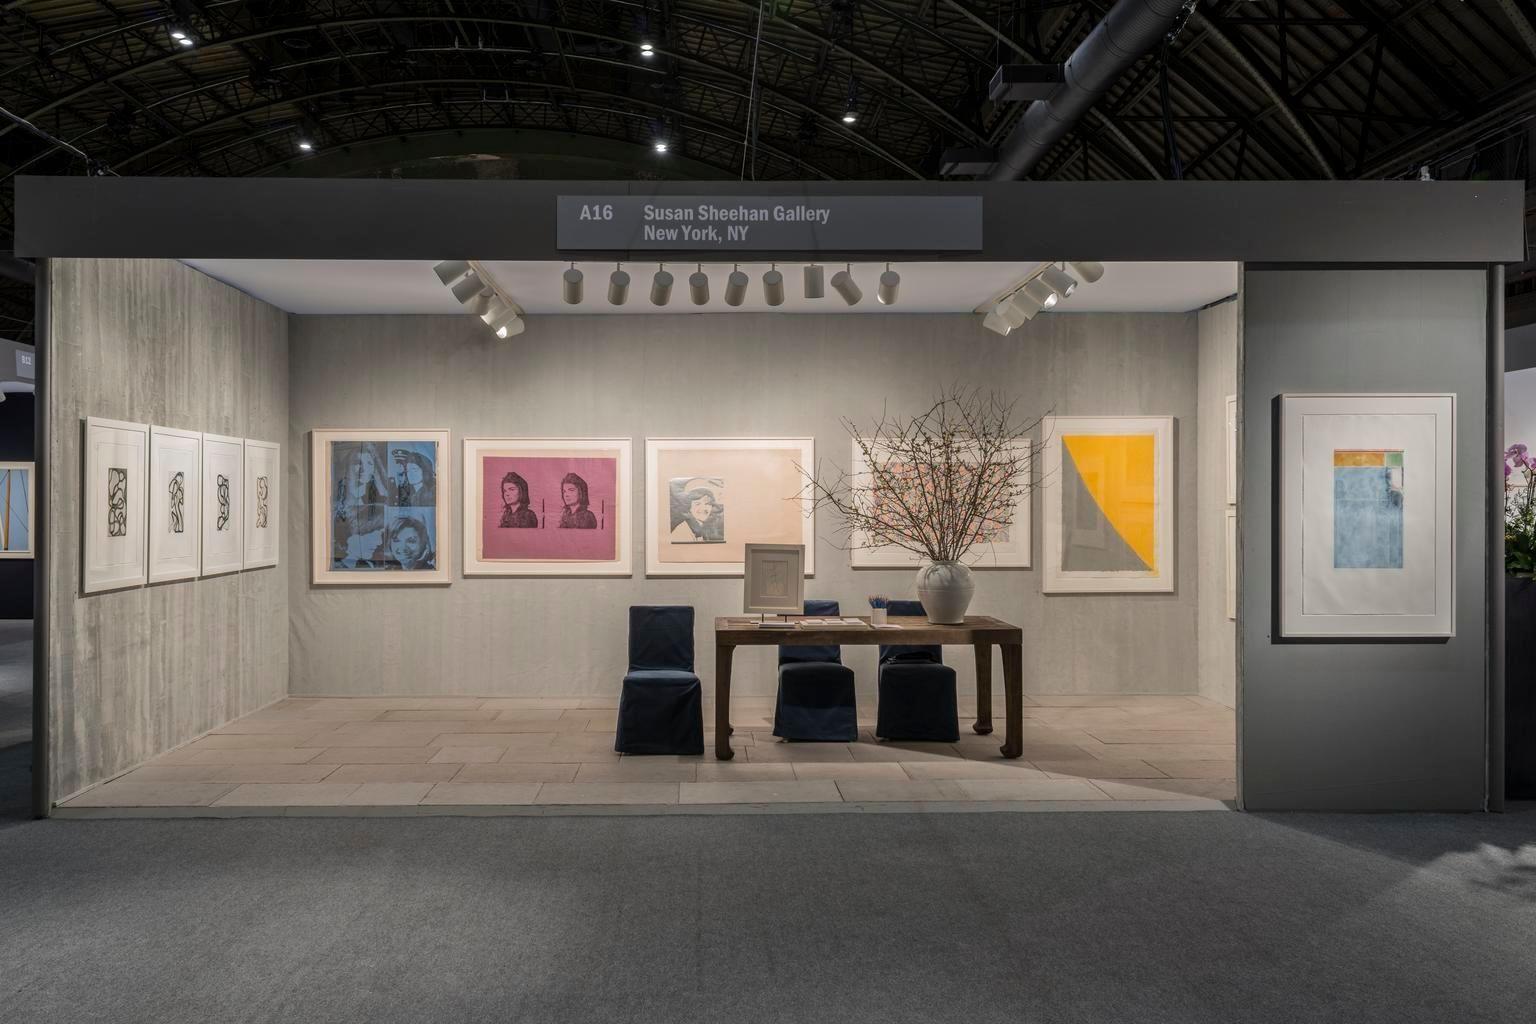 ADAA Art Show 2015 by Susan Sheehan Gallery